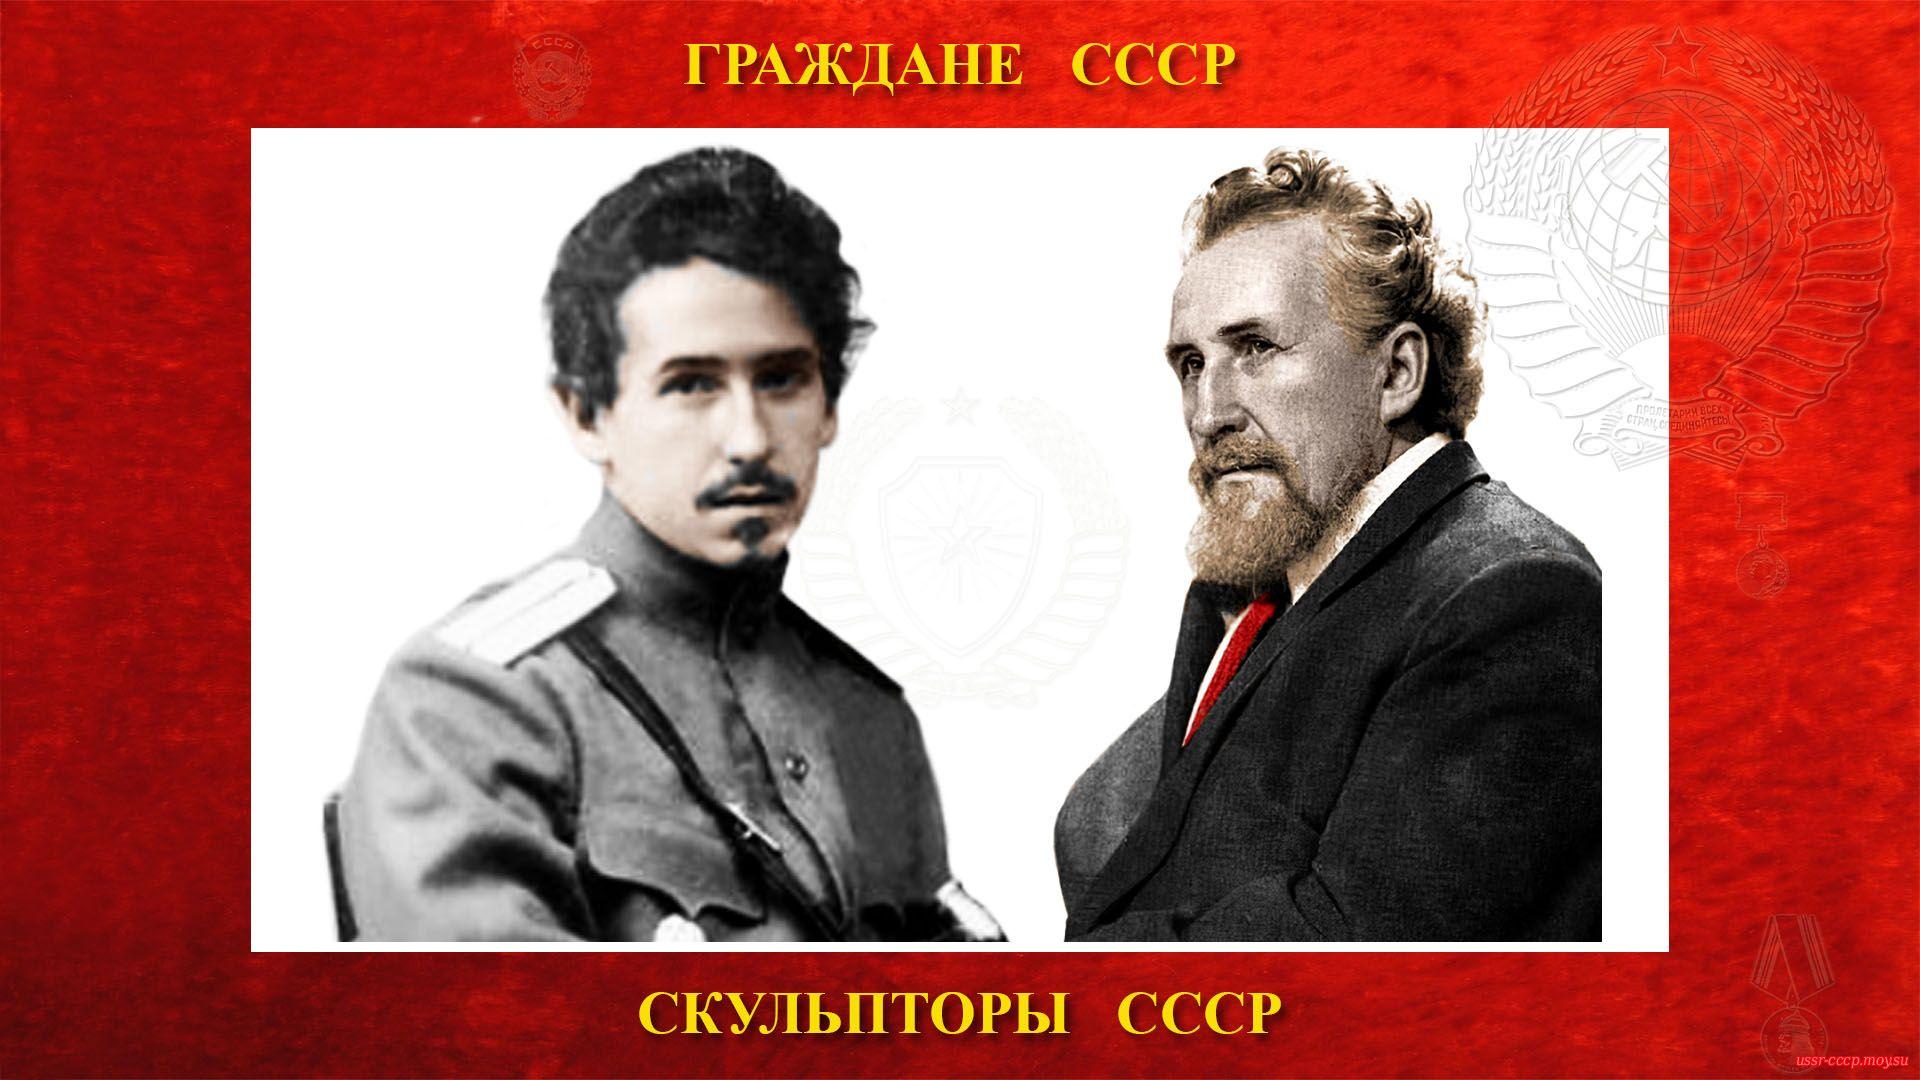 Мотовилов Георгий Иванович — Советский скульптор — Профессор СССР (28.06.1884 — 14.06.1963)